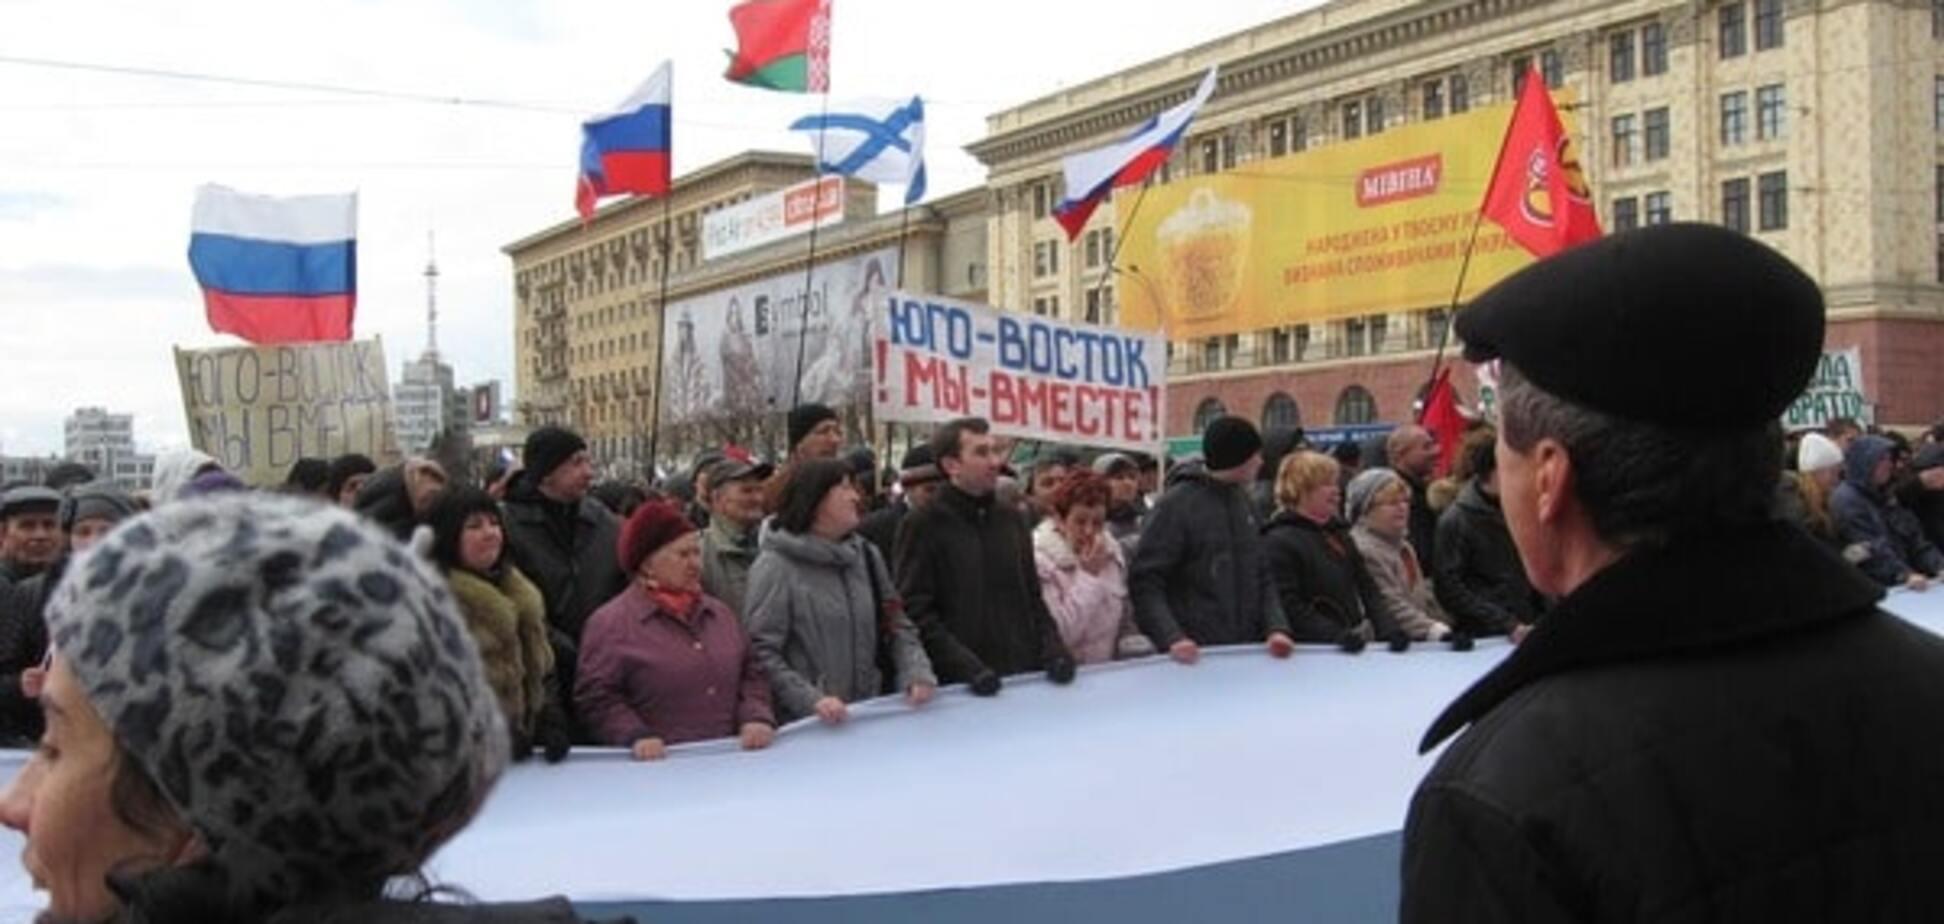 Контрпропаганда не поможет: как победить пророссийские настроения в Крыму и на Донбассе